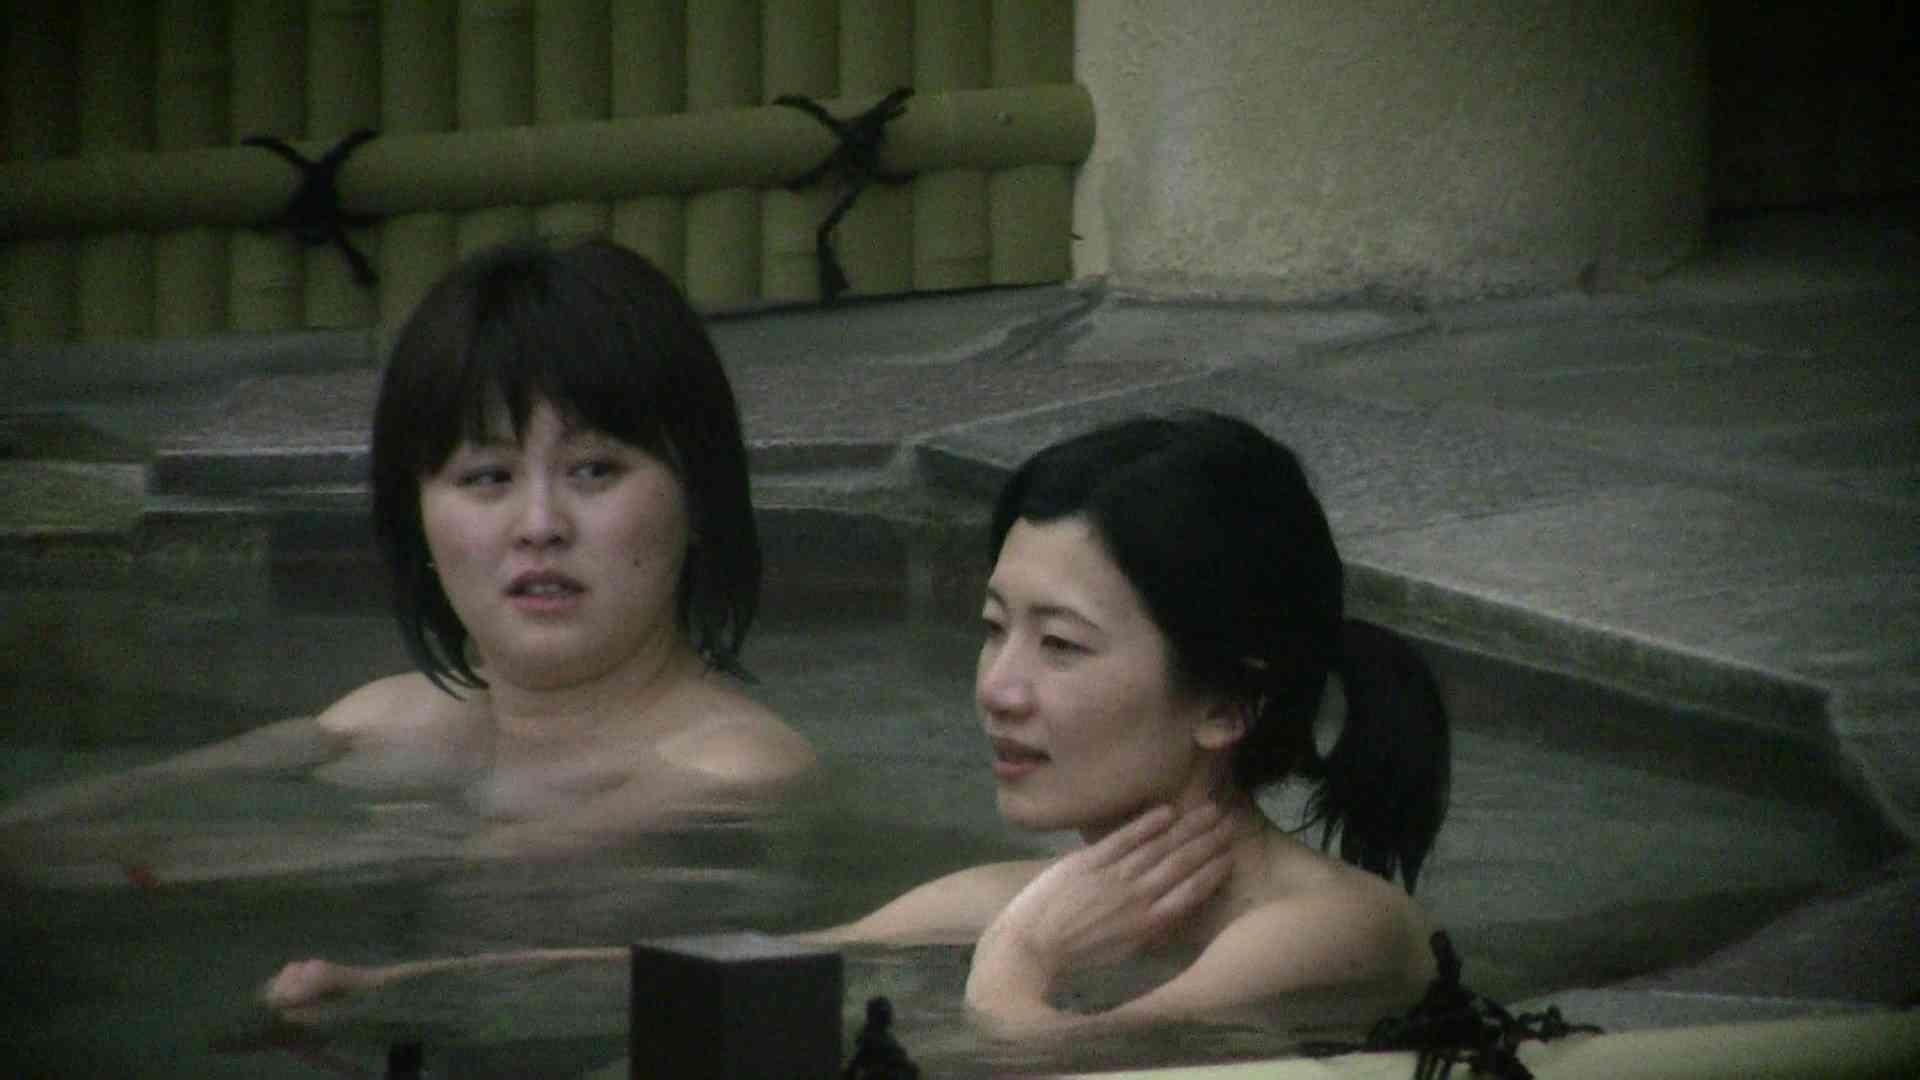 Aquaな露天風呂Vol.539 女体盗撮 隠し撮りおまんこ動画流出 88連発 38